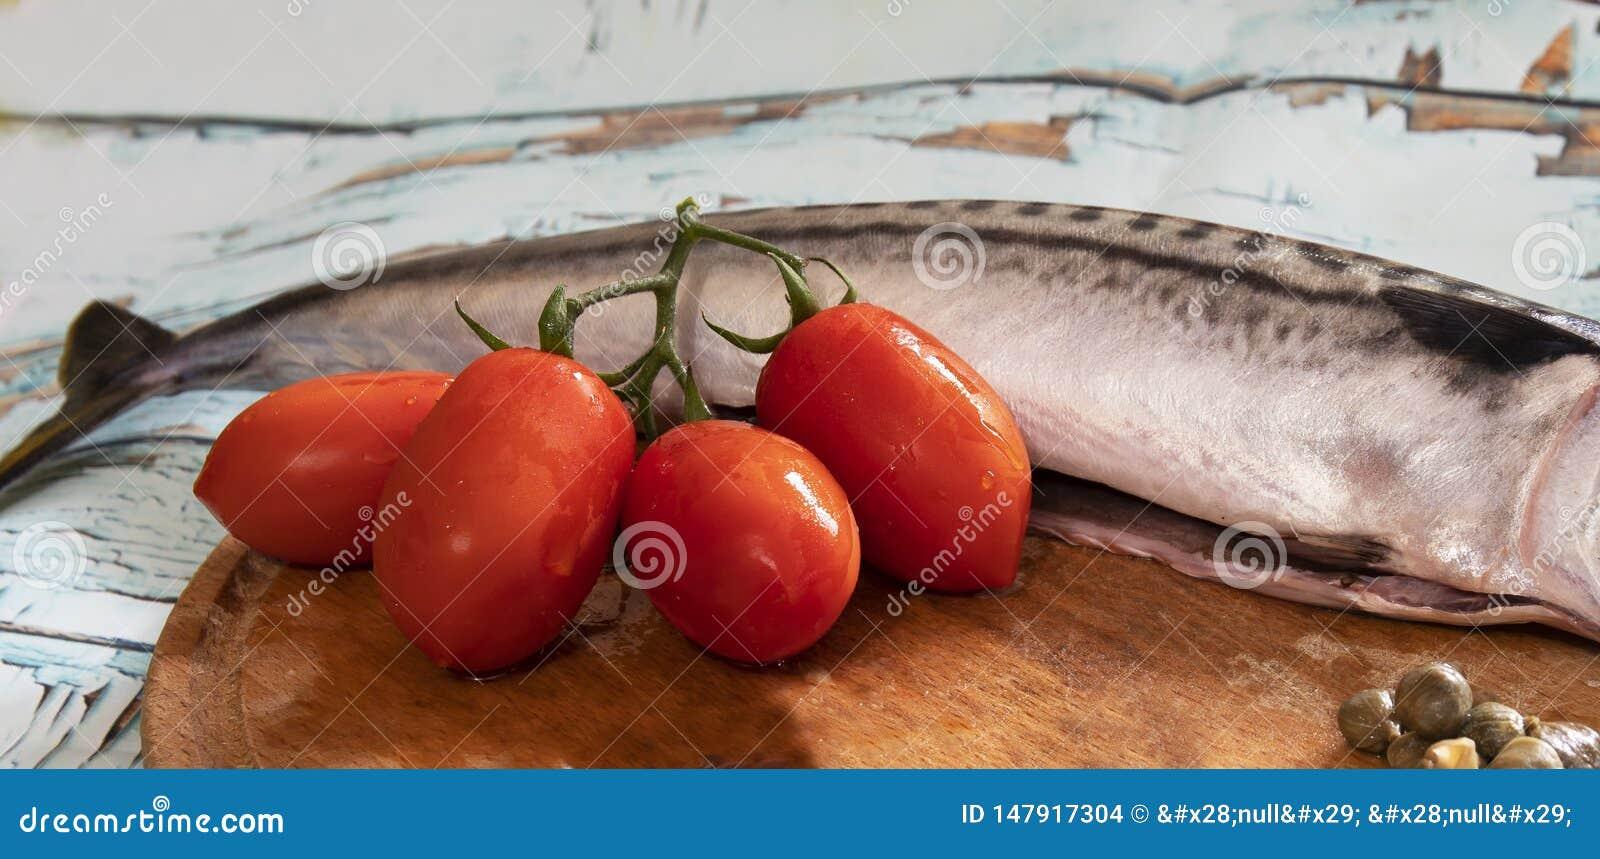 鲭鱼、蕃茄和雀跃